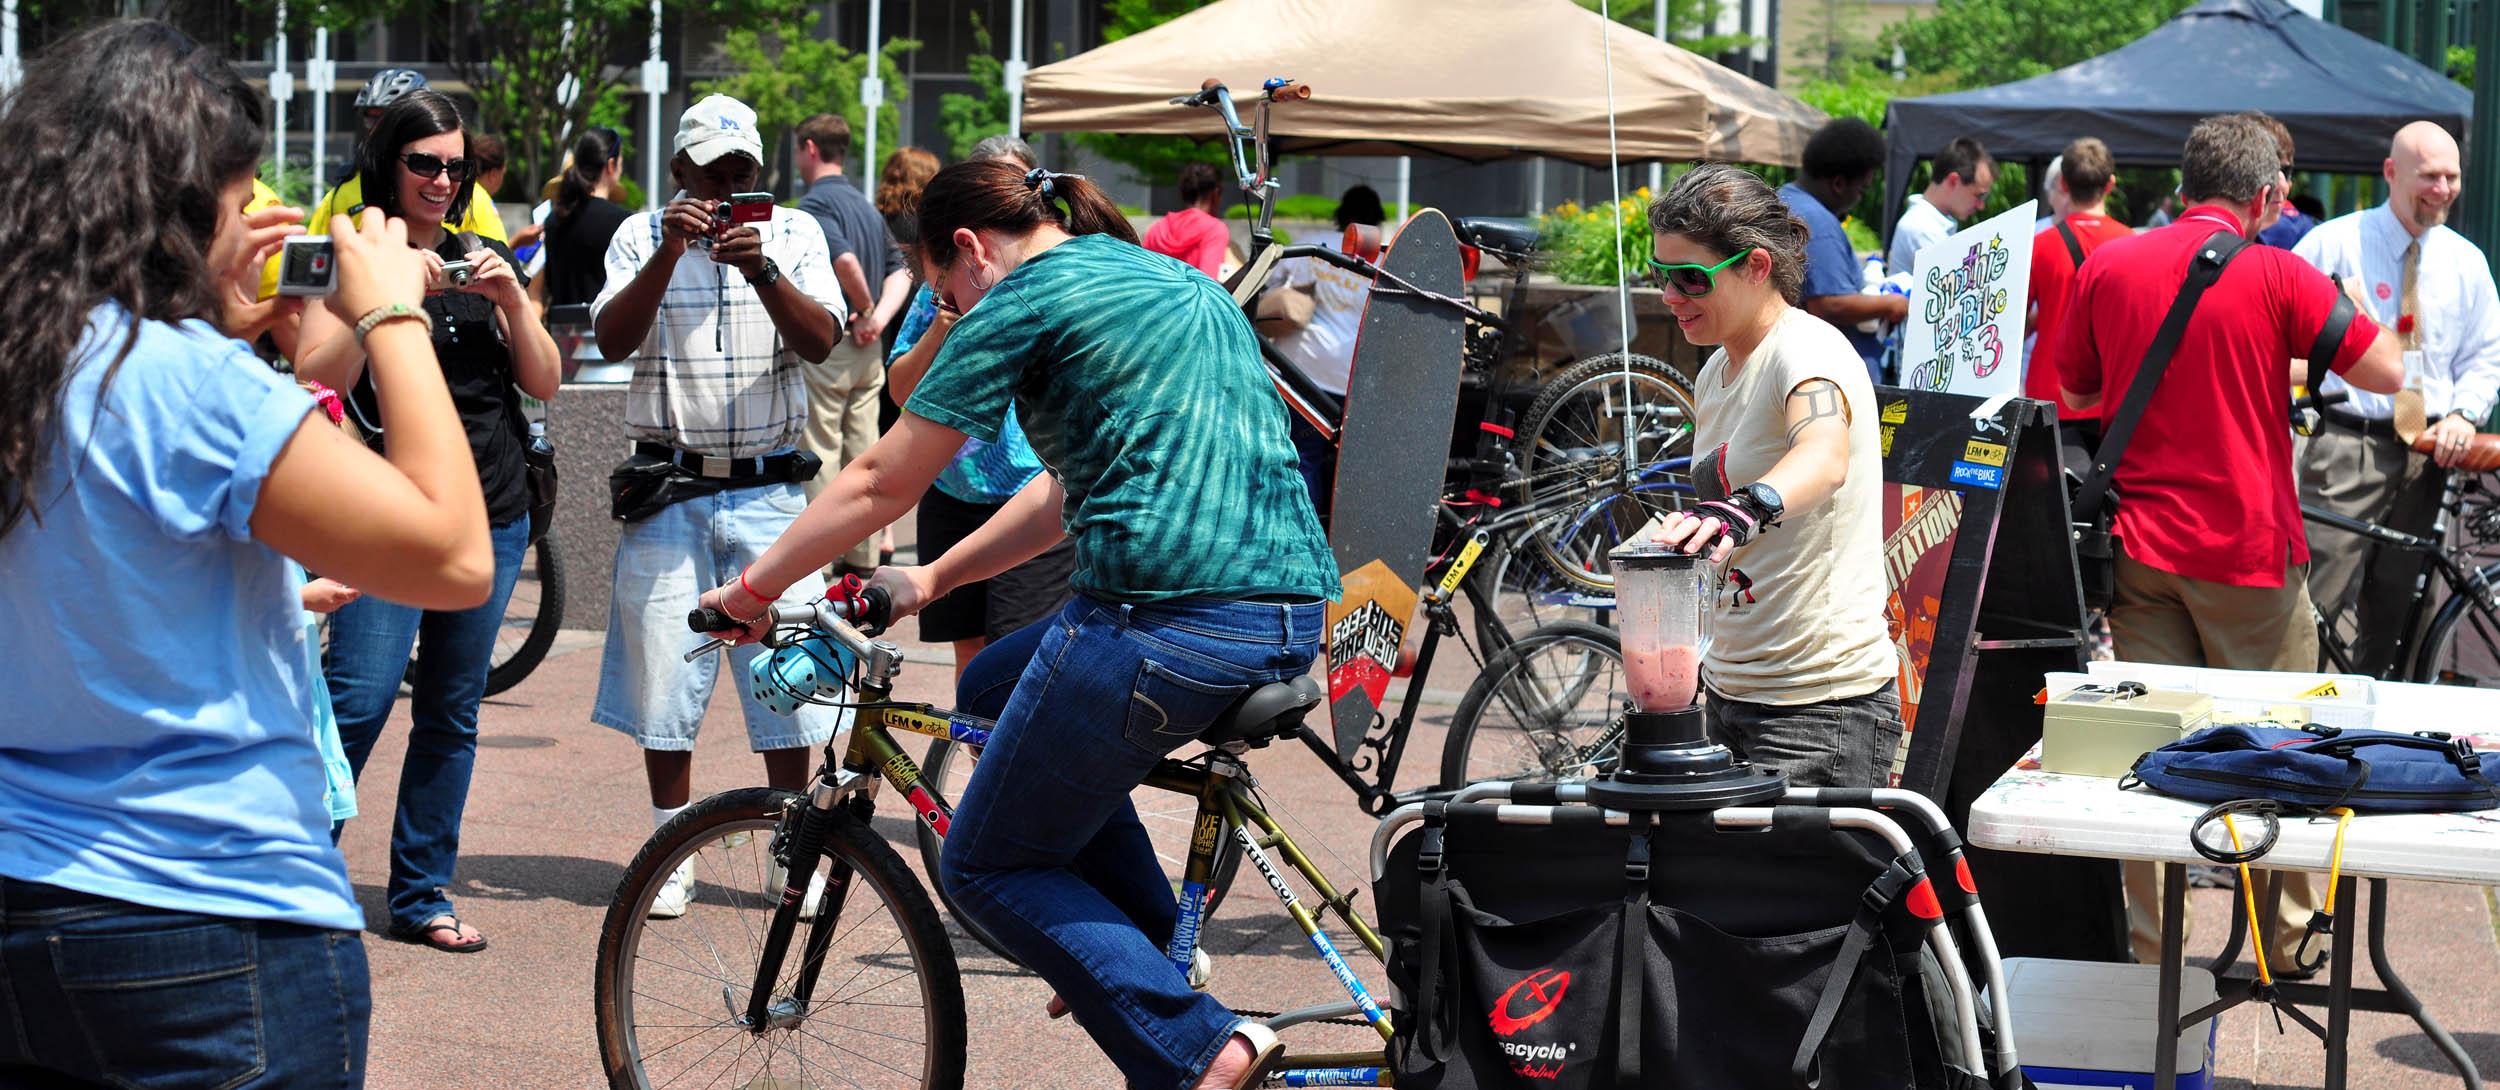 Bikesploitation 0003.jpg